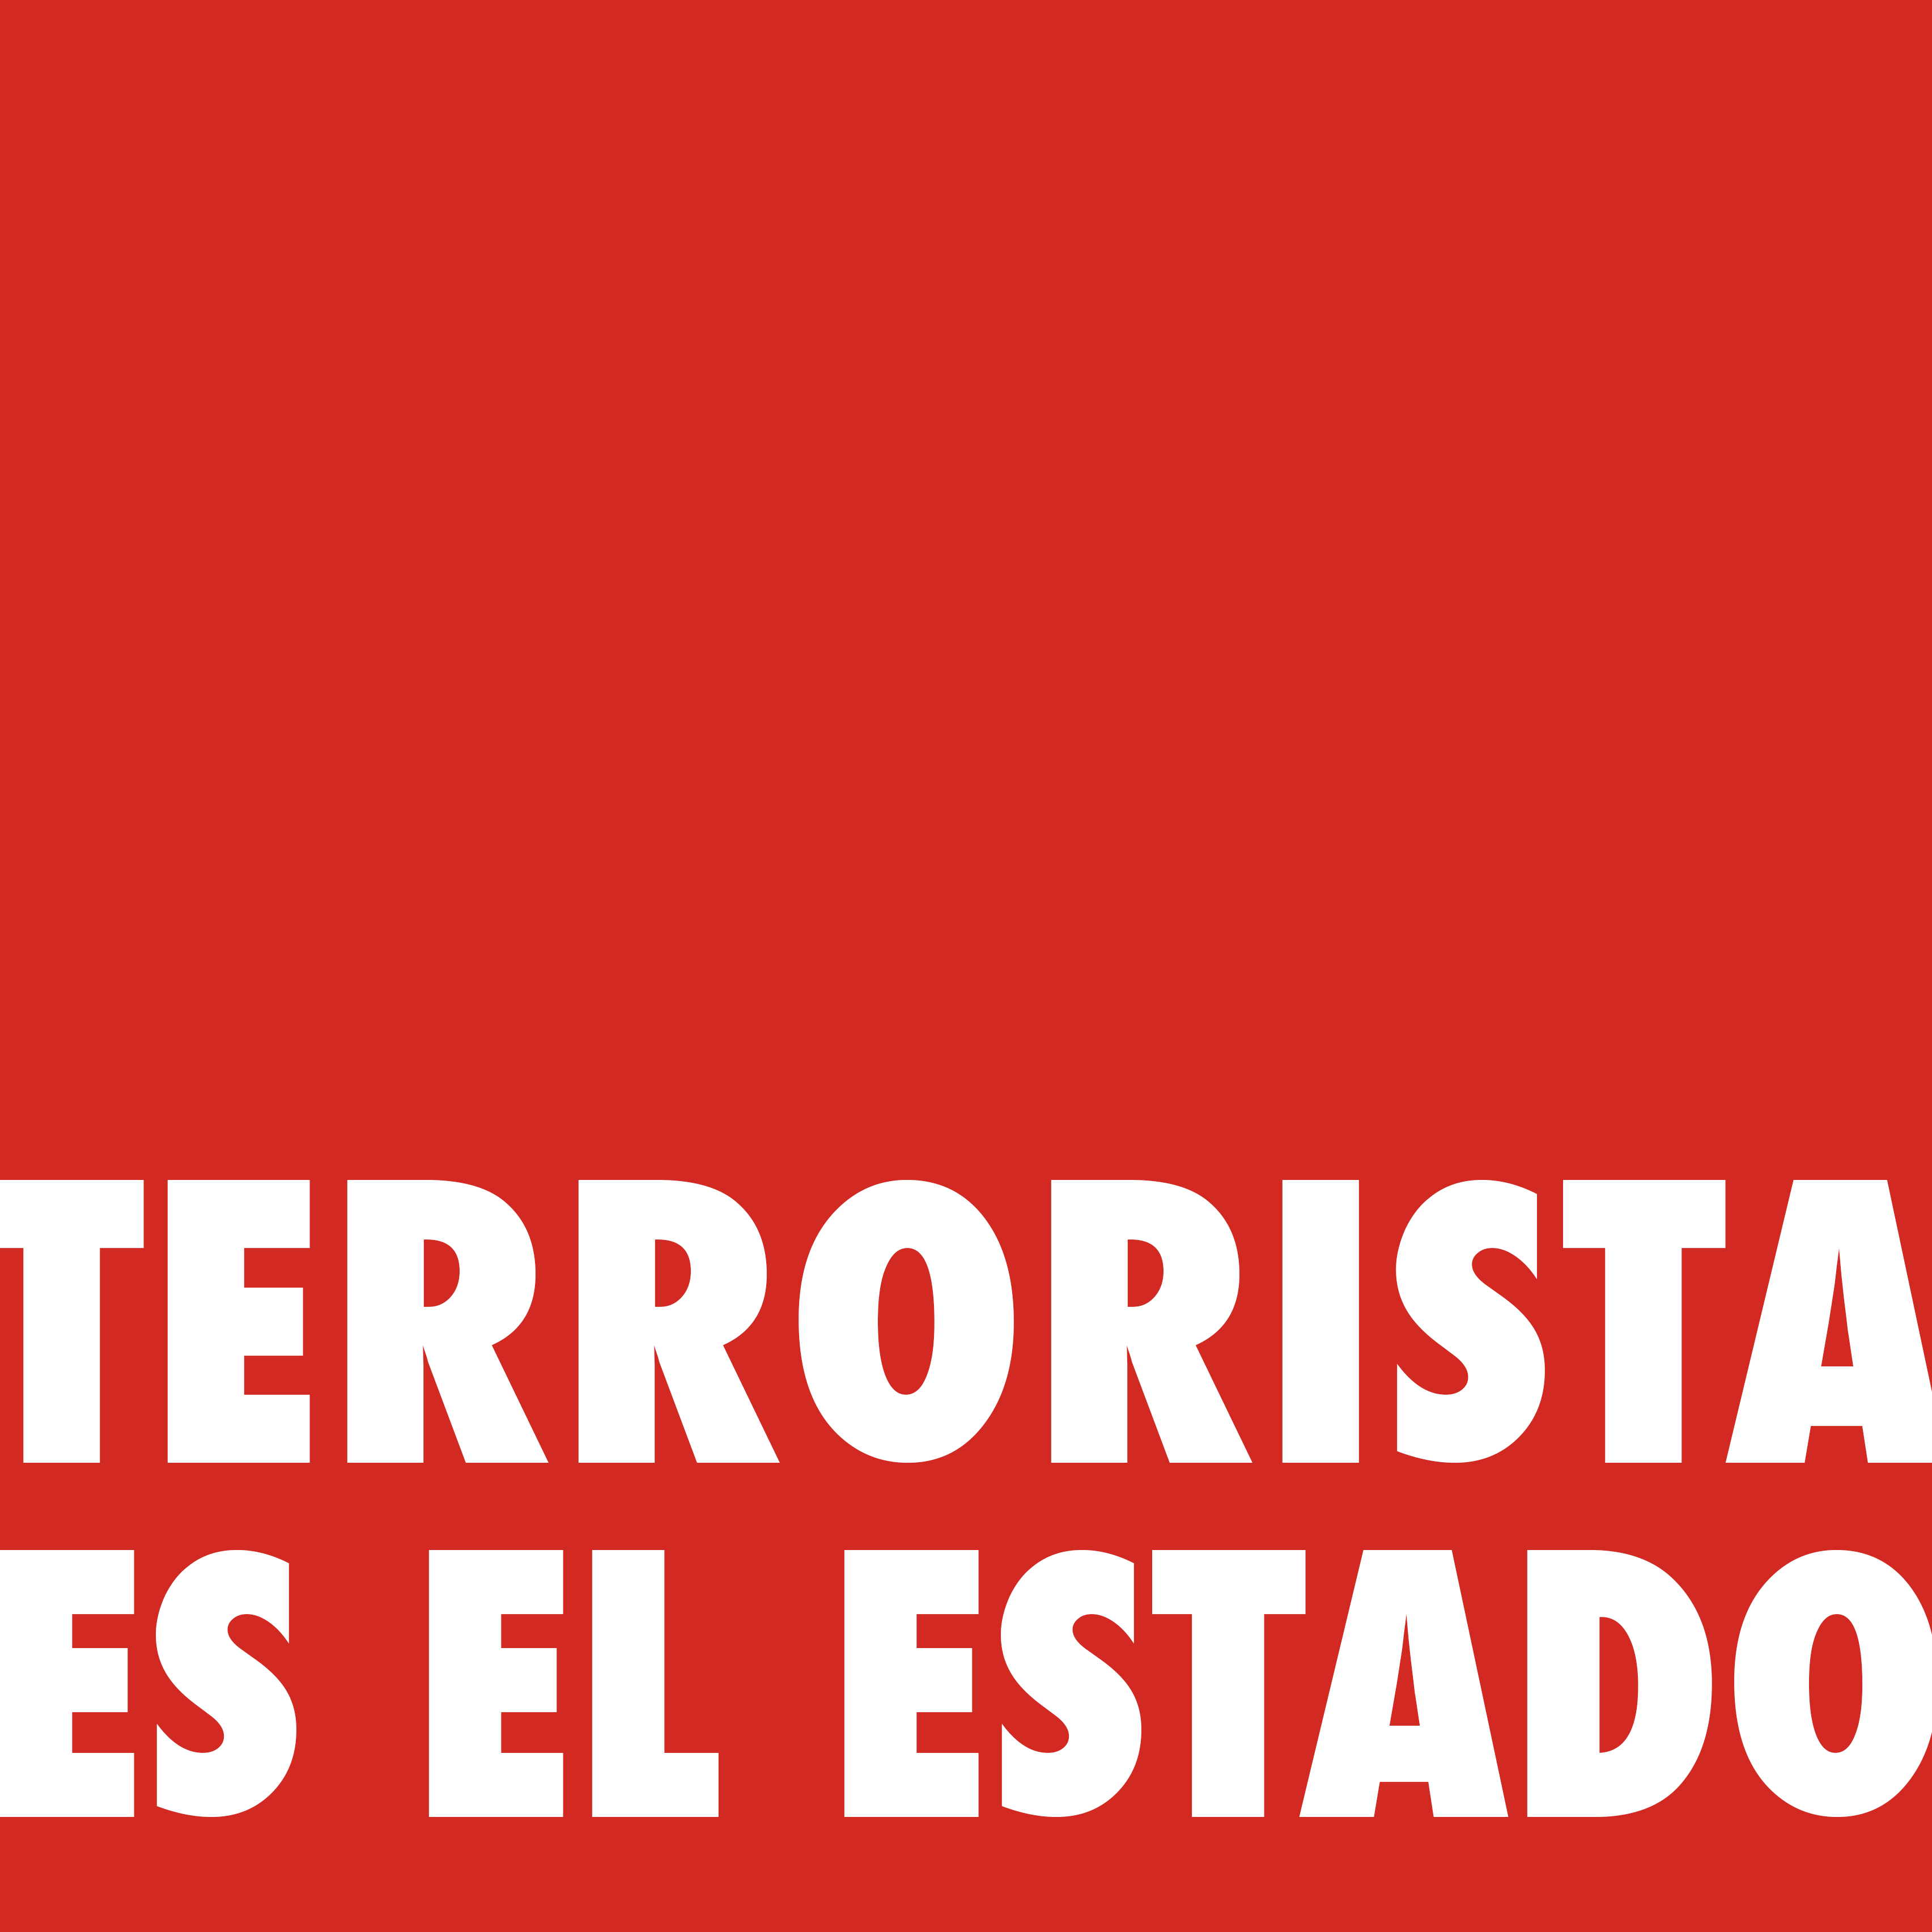 terroristaeselestado